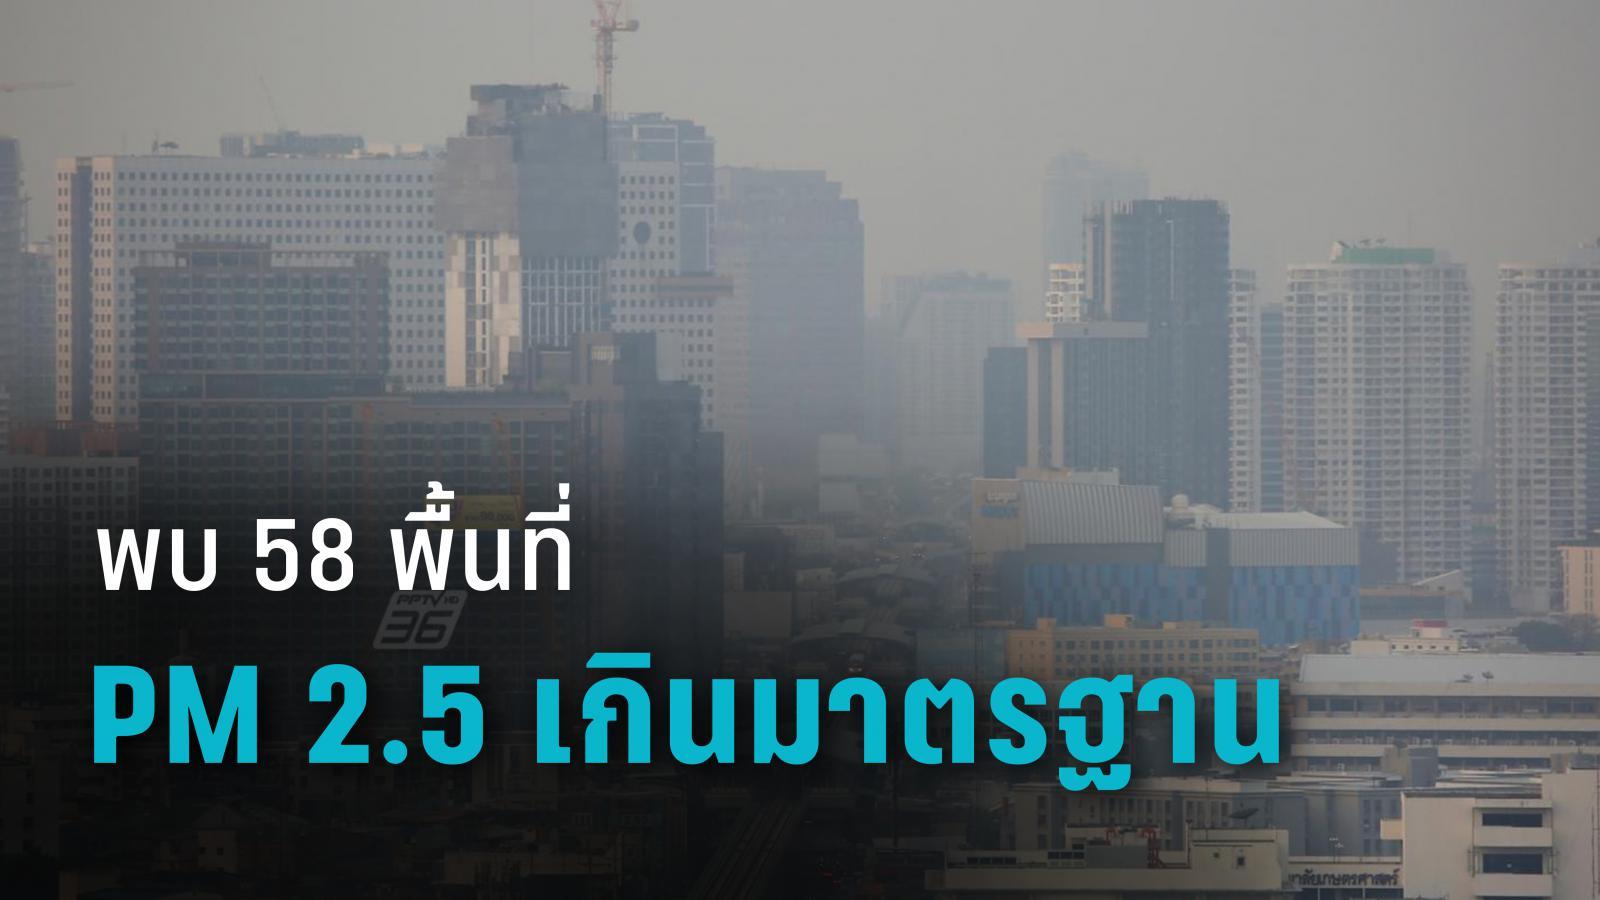 พบ 53 พื้นที่กทม.ค่าฝุ่น PM 2.5 เกินเกณฑ์มาตรฐาน